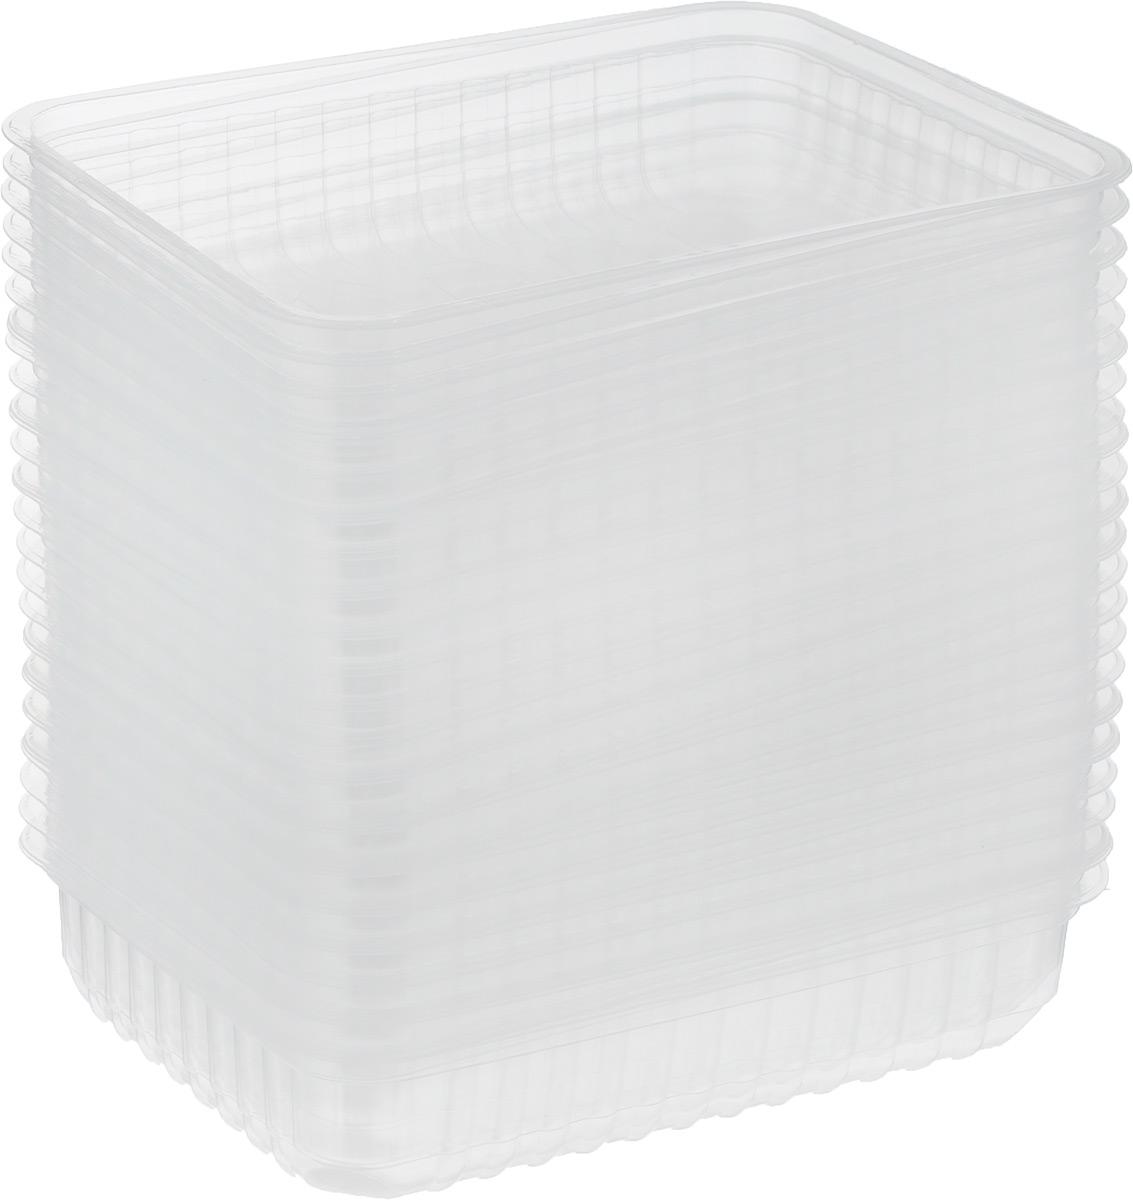 Контейнер пищевой Стиролпласт, 500 мл, 50 штSC-FD421004Контейнер прямоугольной формы Стиролпласт предназначен для хранения пищевых продуктов. Прозрачные стенки позволяют видеть содержимое. Контейнер необыкновенно удобен: в нем можно брать еду на работу, за город, ребенку в школу. Именно поэтому подобные контейнеры обретают все большую популярность. УВАЖАЕМЫЕ КЛИЕНТЫ!Обращаем ваше внимание на тот факт, что крышки в комплект не входят.